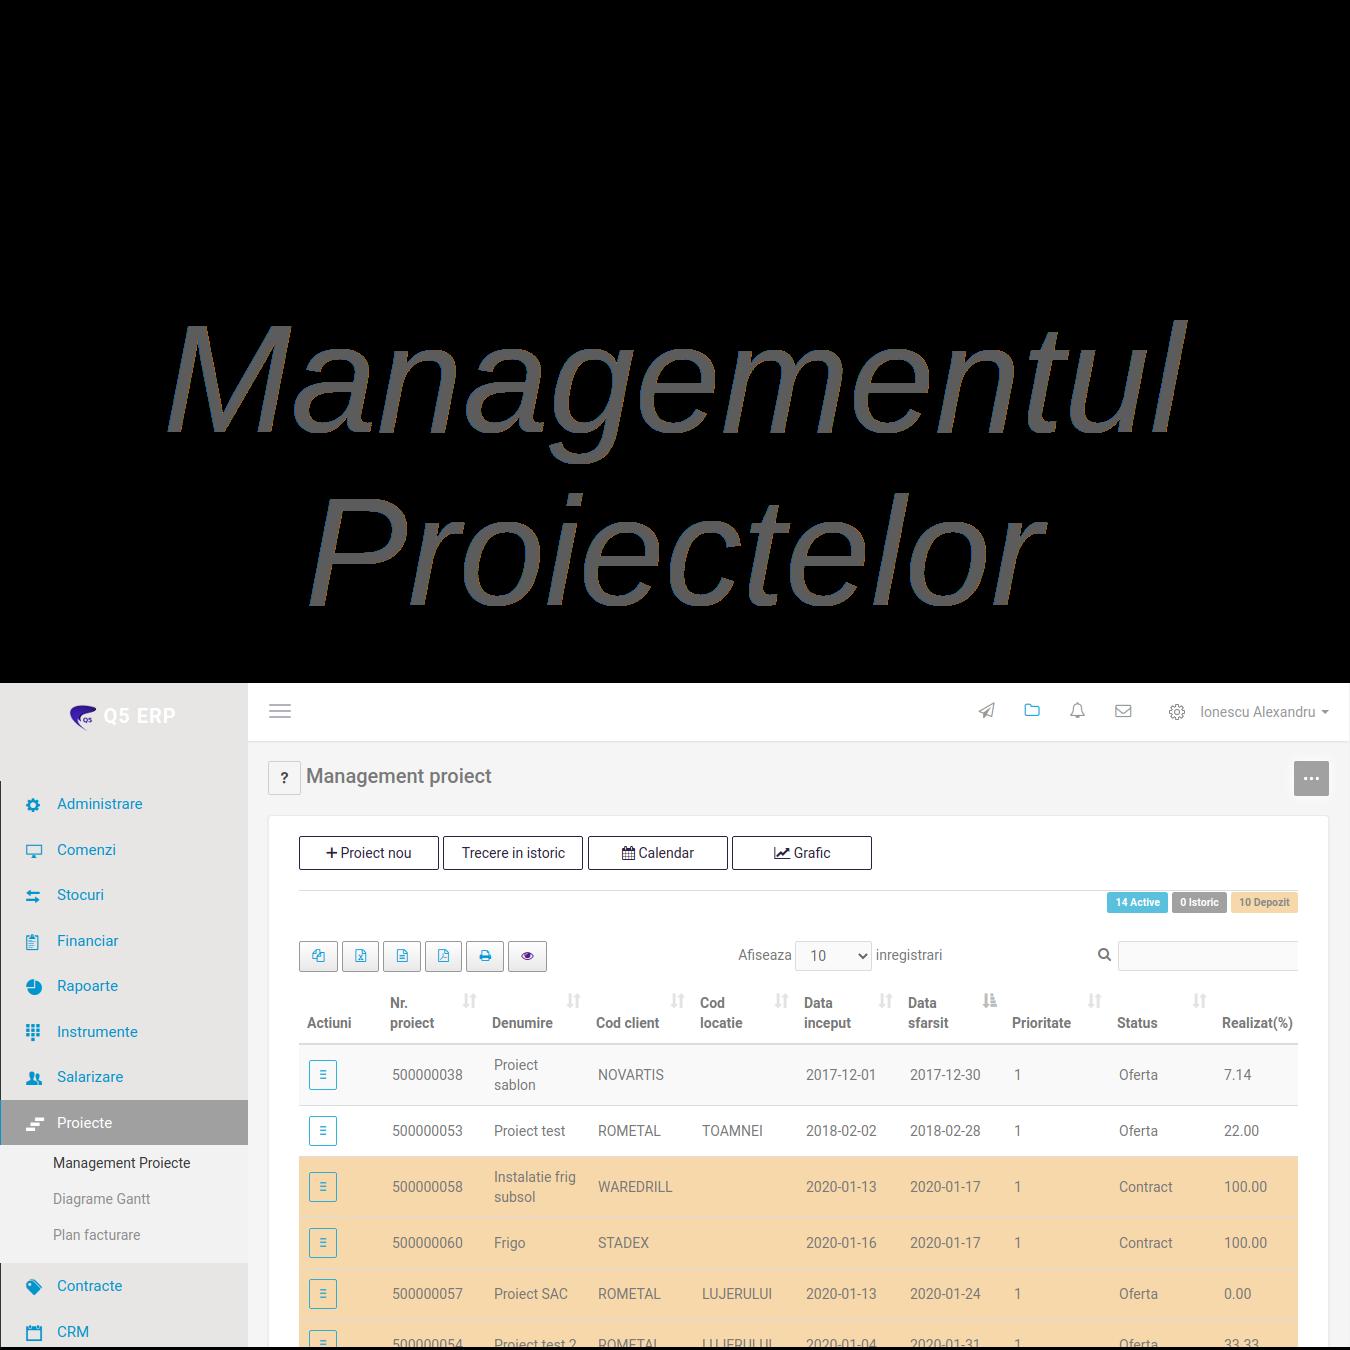 sistem erp q5 - managementul proiectelor